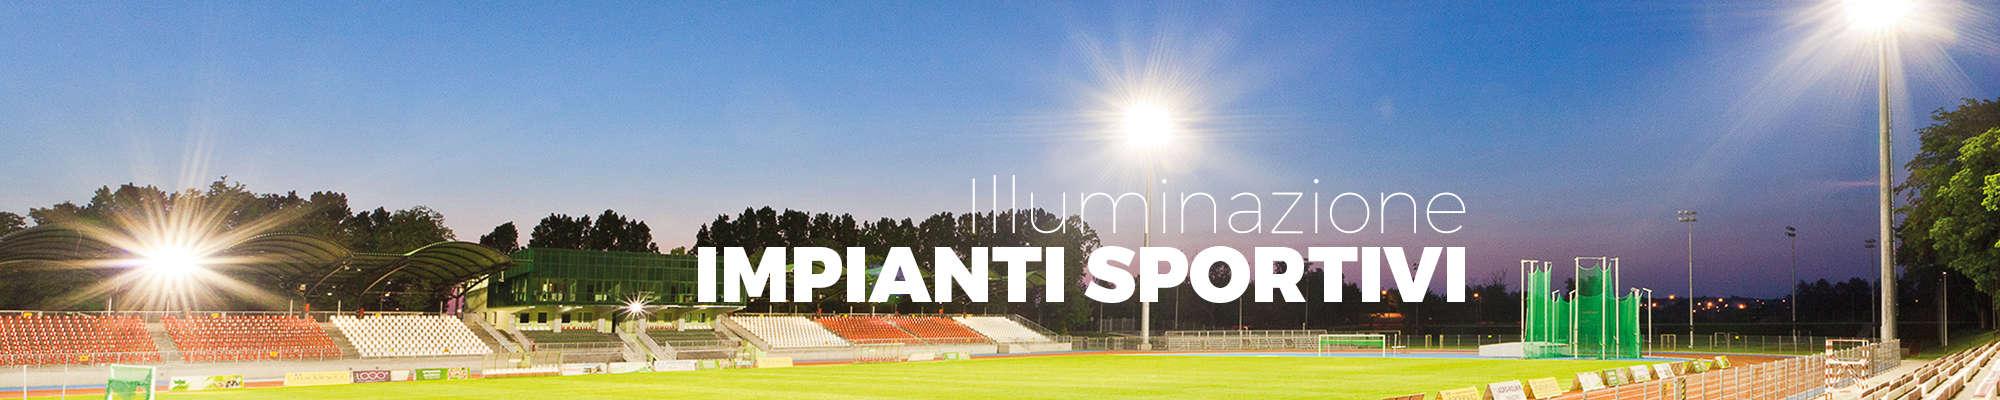 illuminazione-impianti-sportivi